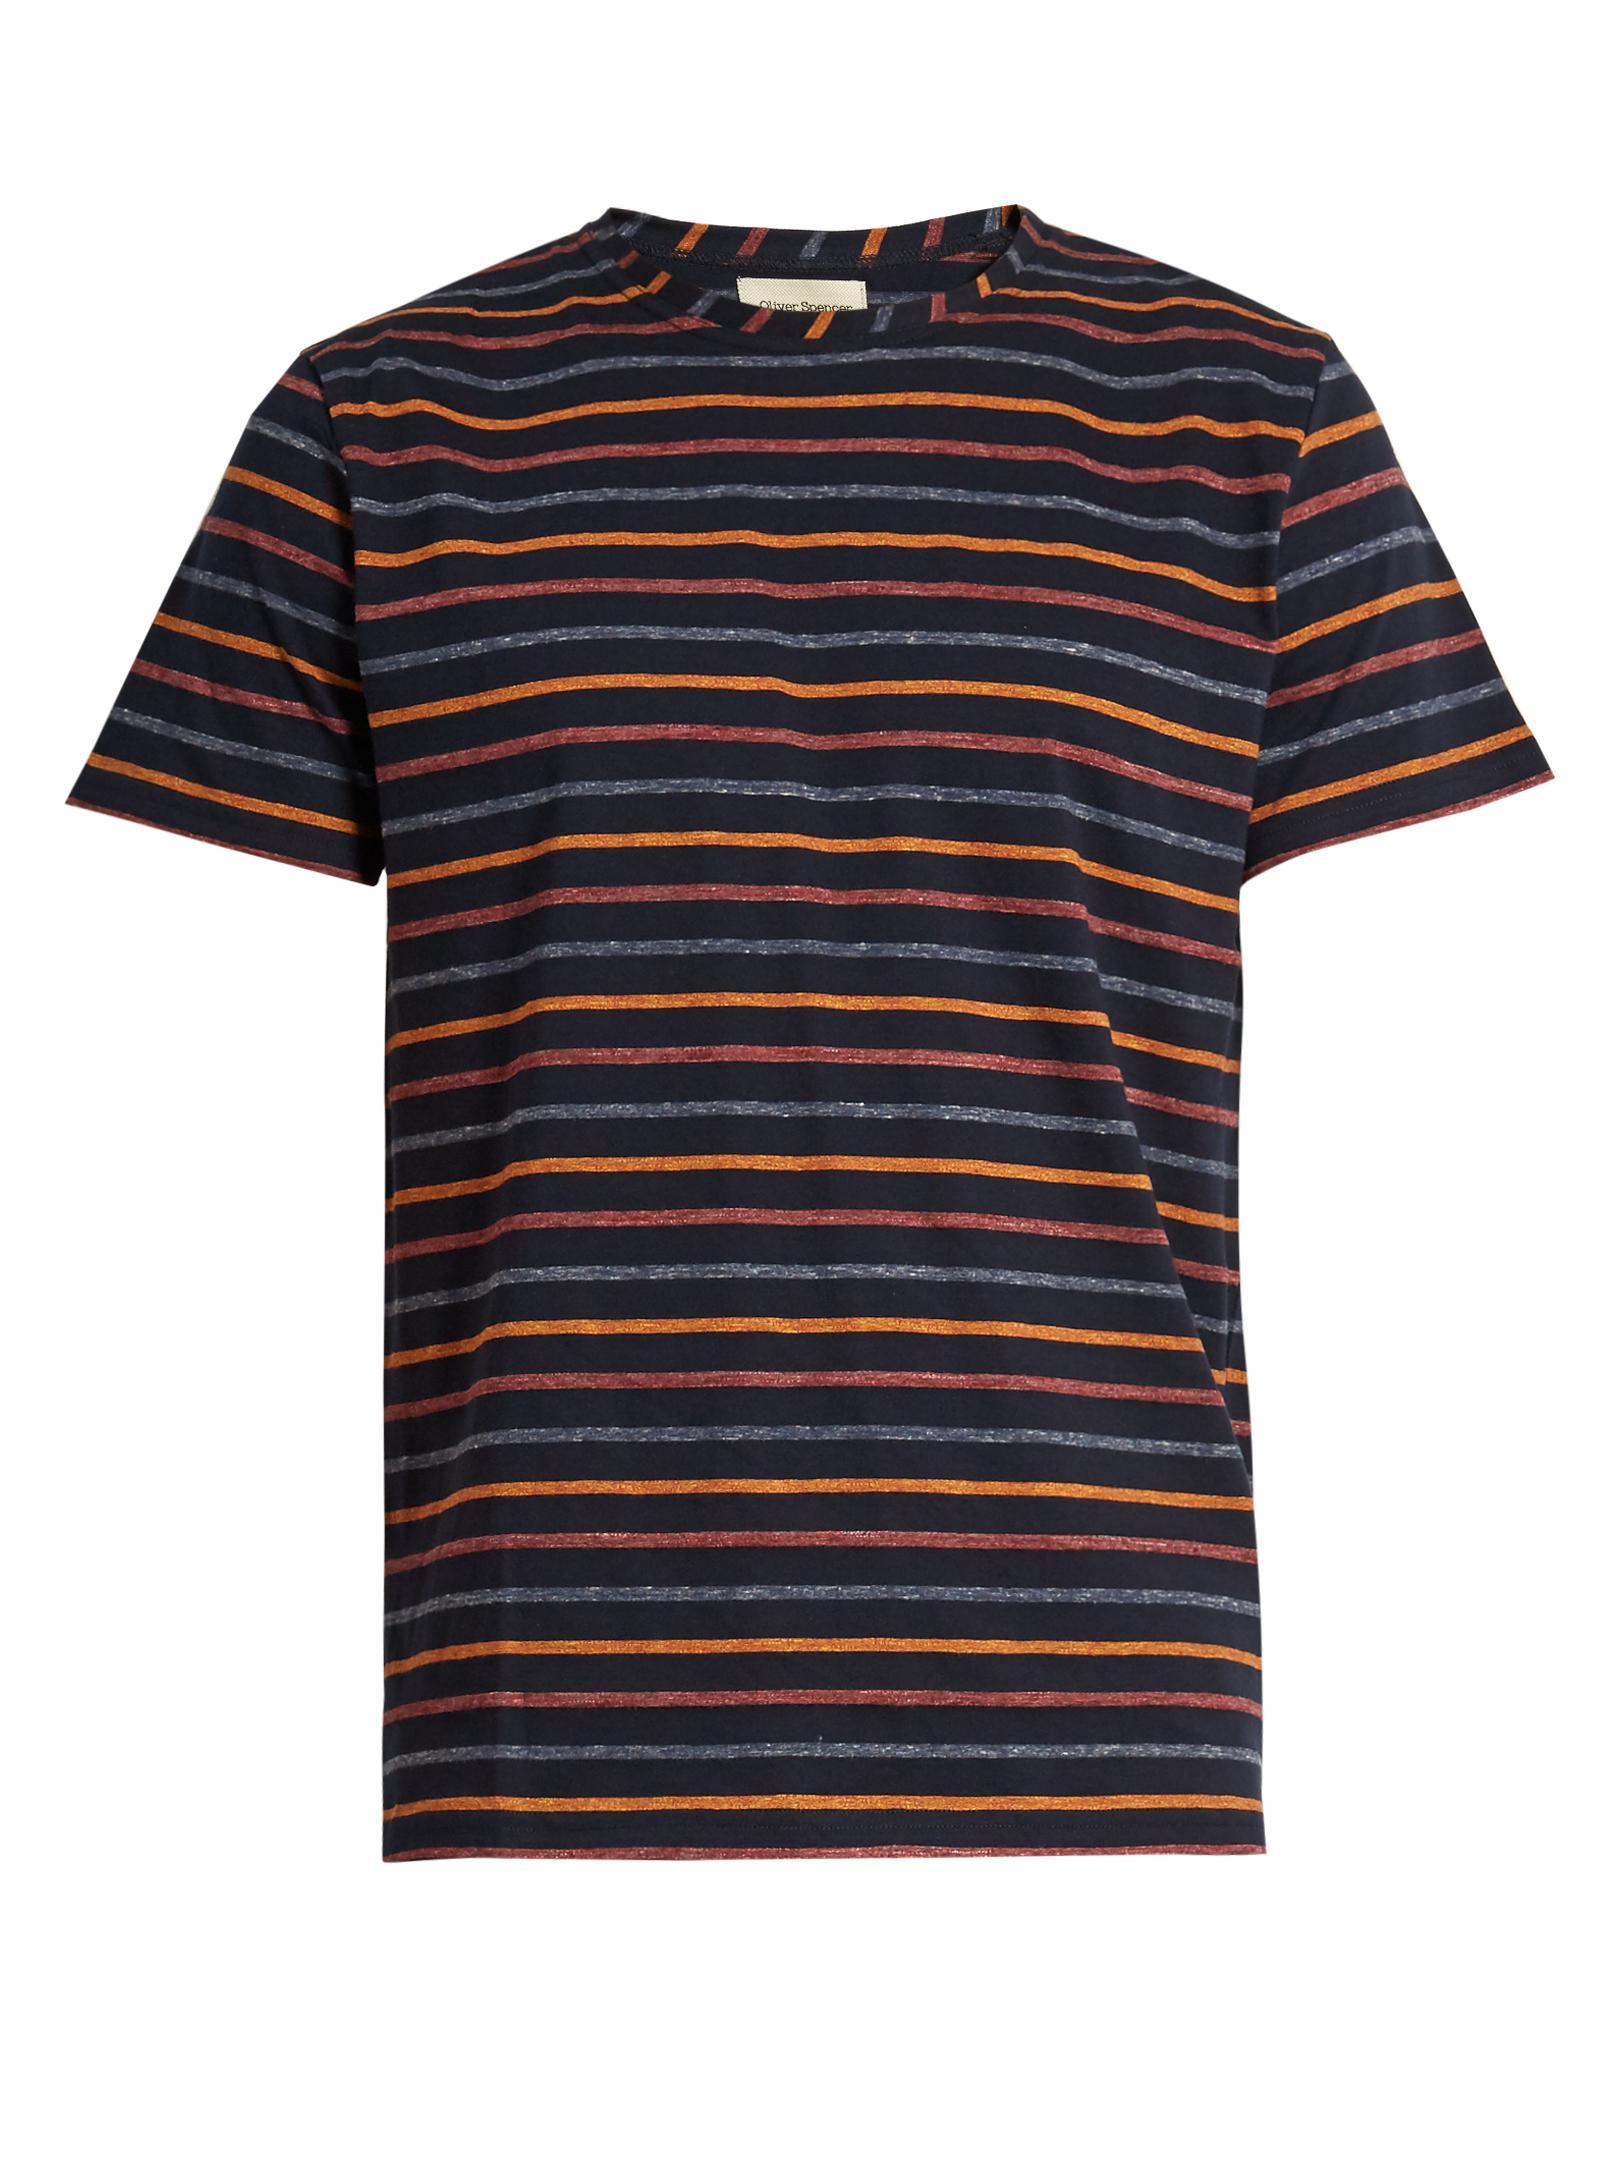 lyst oliver spencer breton striped cotton t shirt in. Black Bedroom Furniture Sets. Home Design Ideas